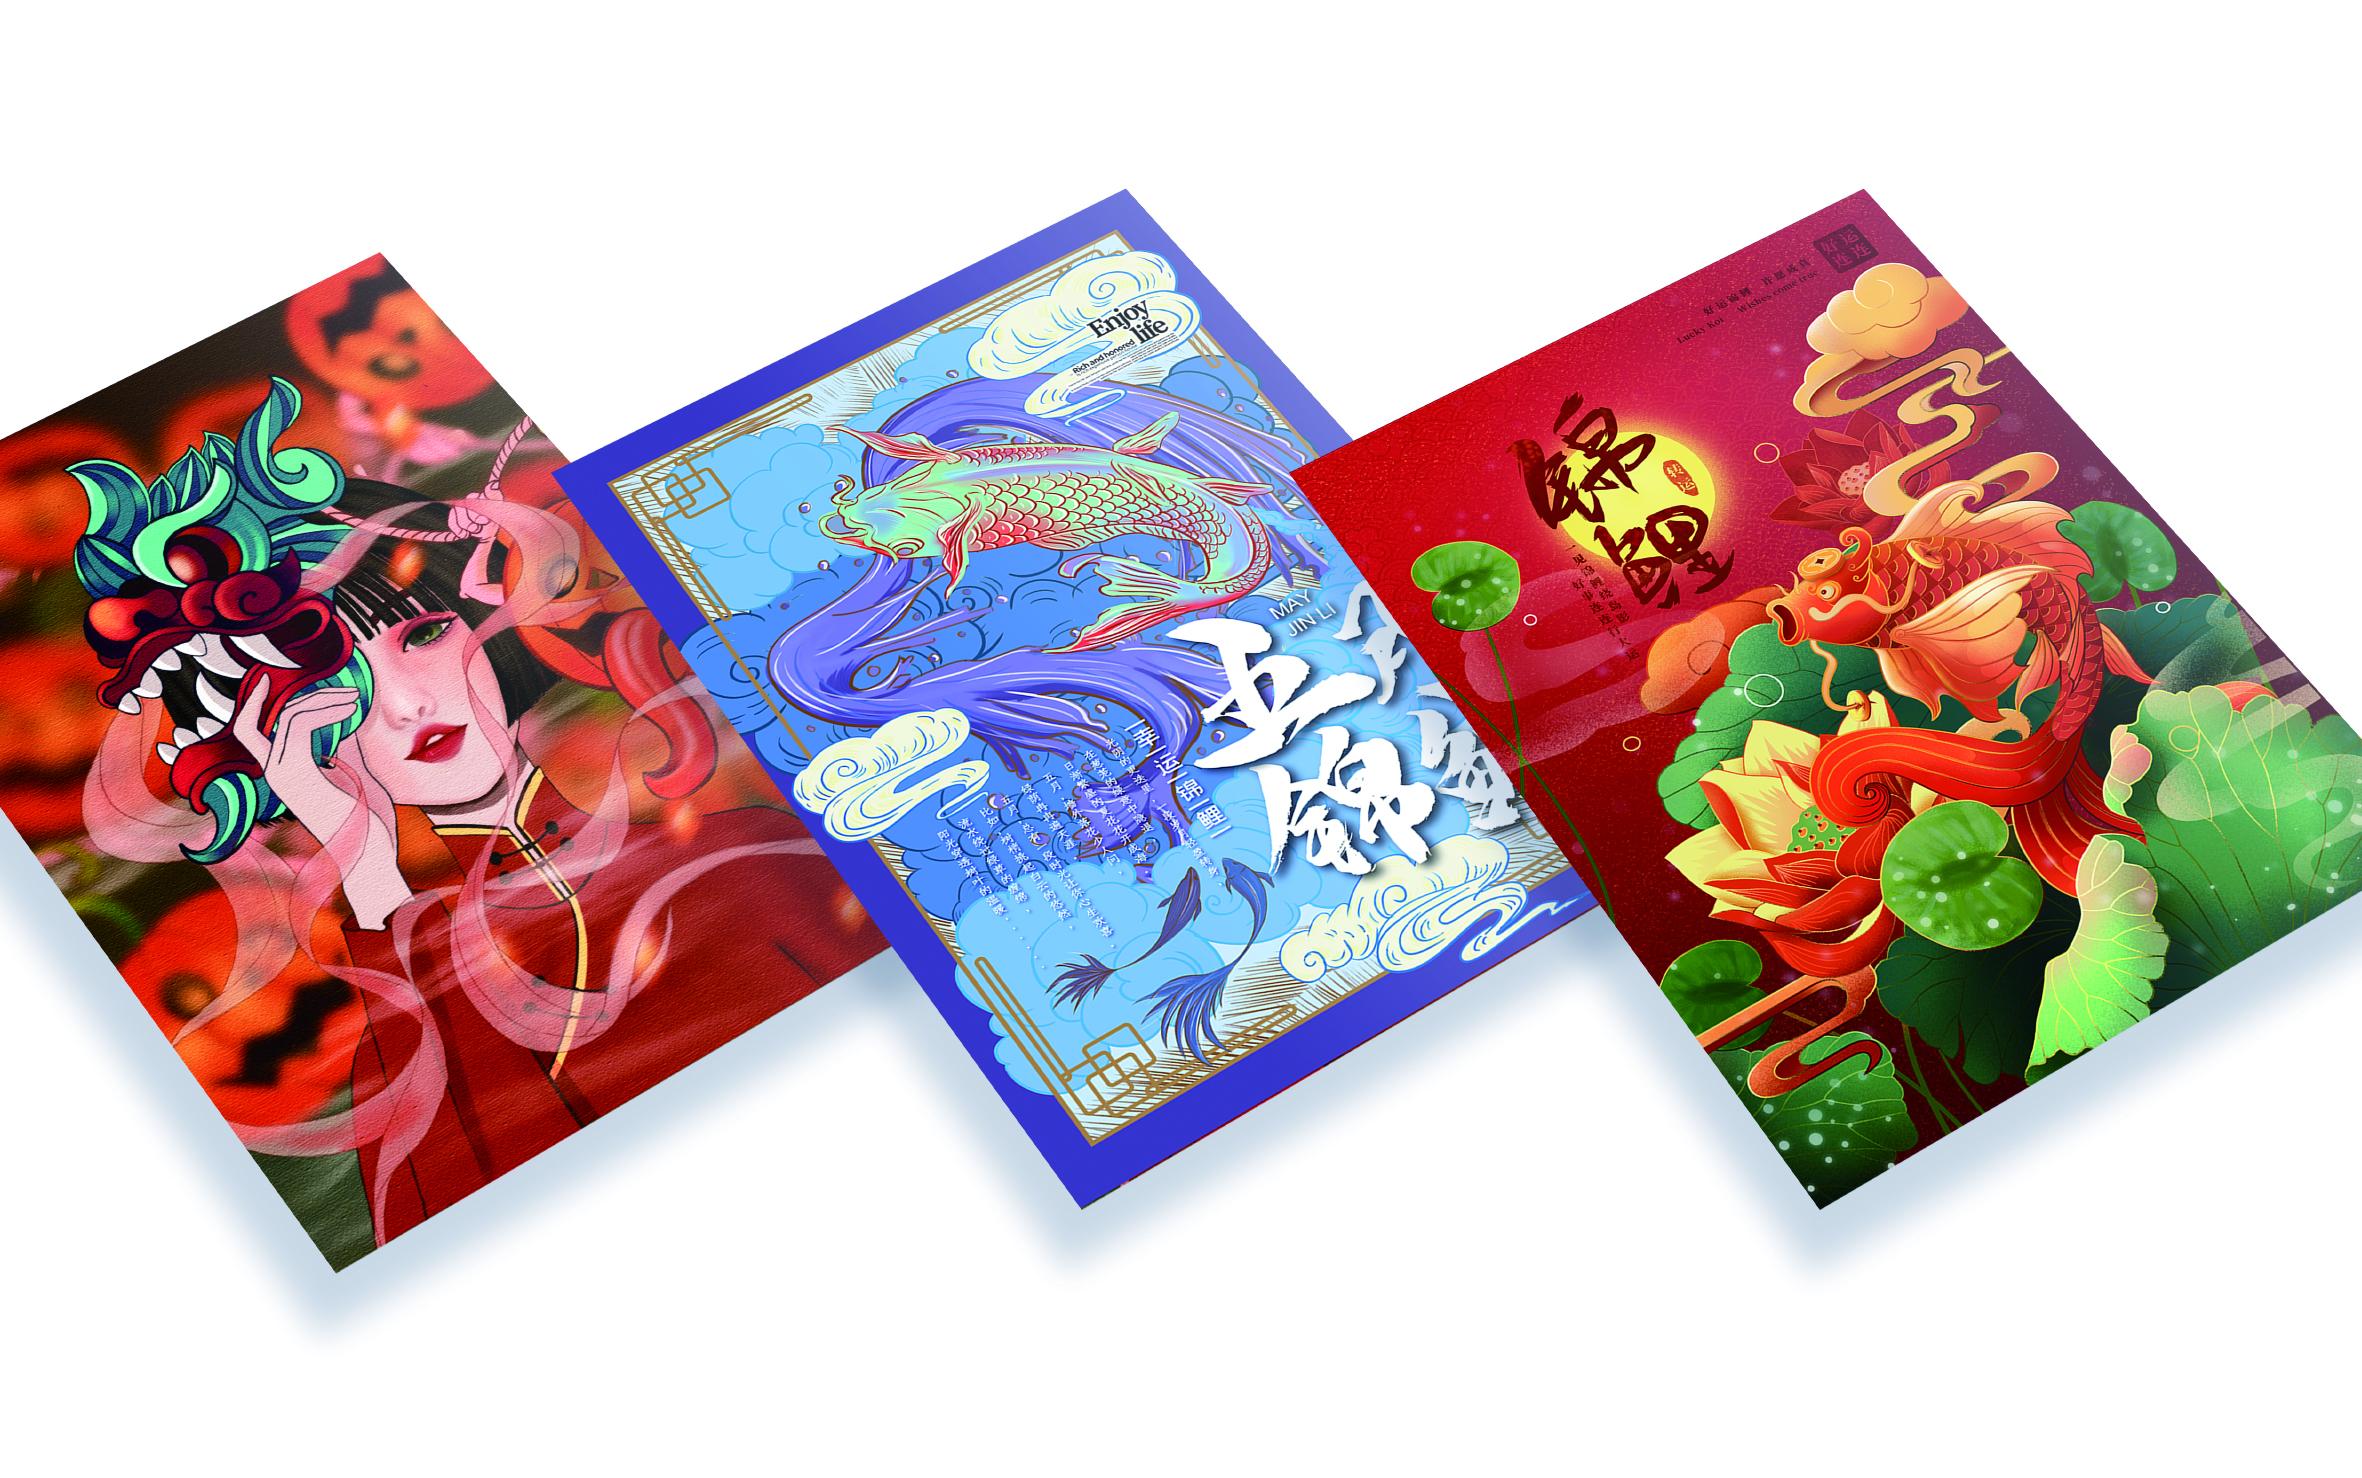 文化墙节日喜庆舞台展台商场超市广场街道办公室吊旗设计背景墙